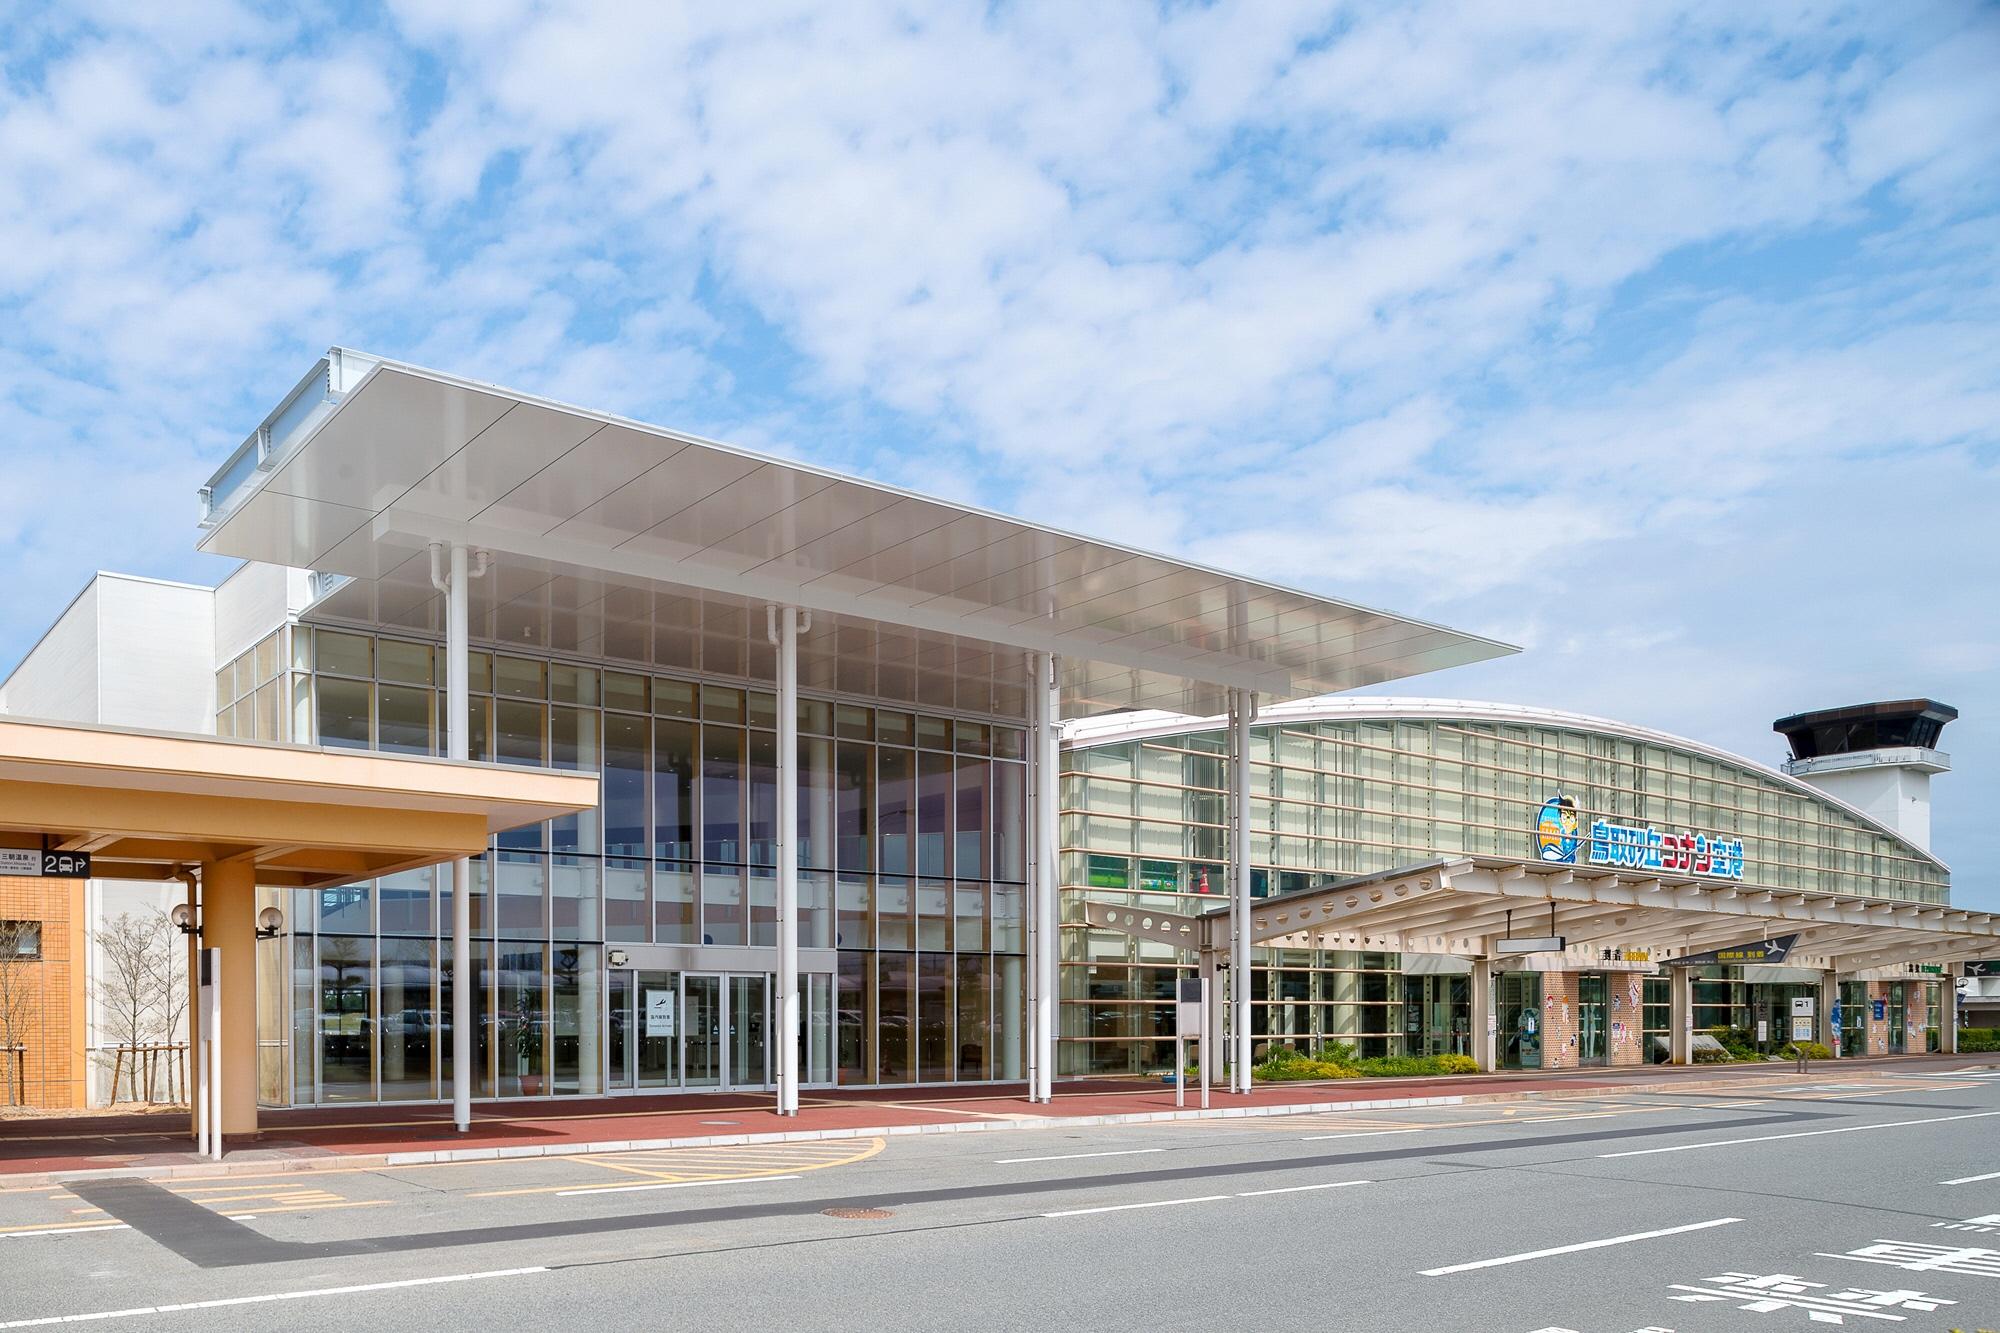 オブジェや再現展示がパワーアップ! 「鳥取砂丘コナン空港」がグランドオープン